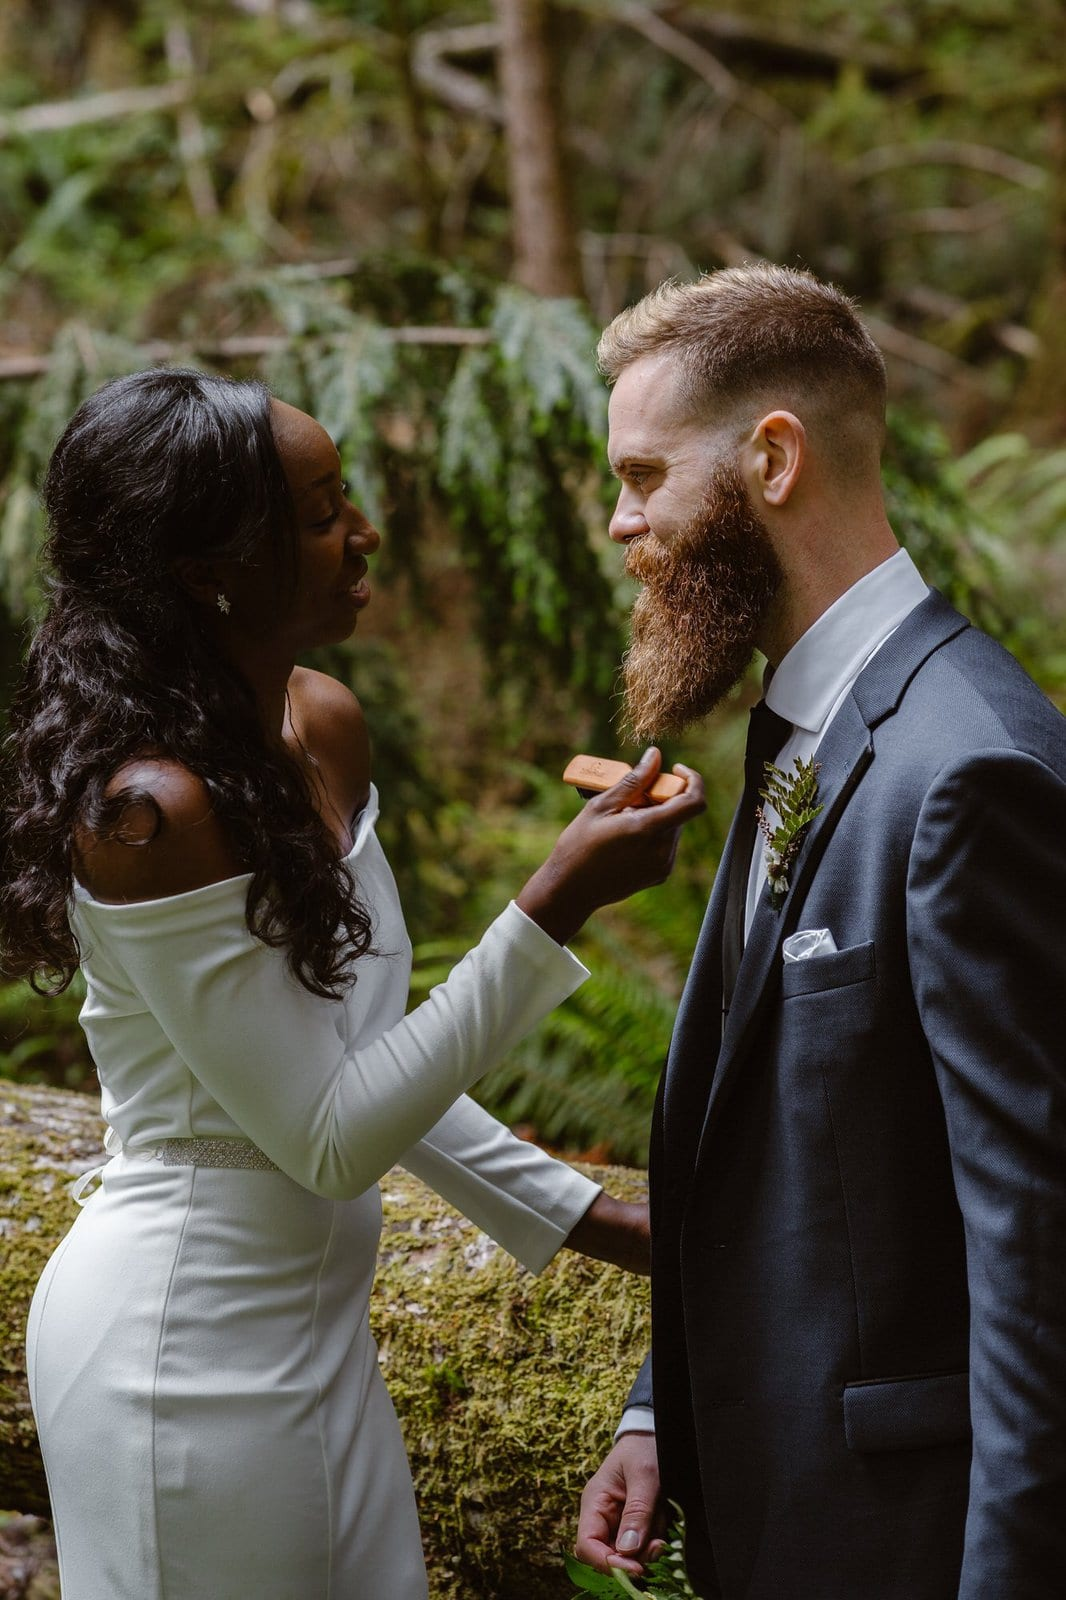 Bride combing her groom's beard.